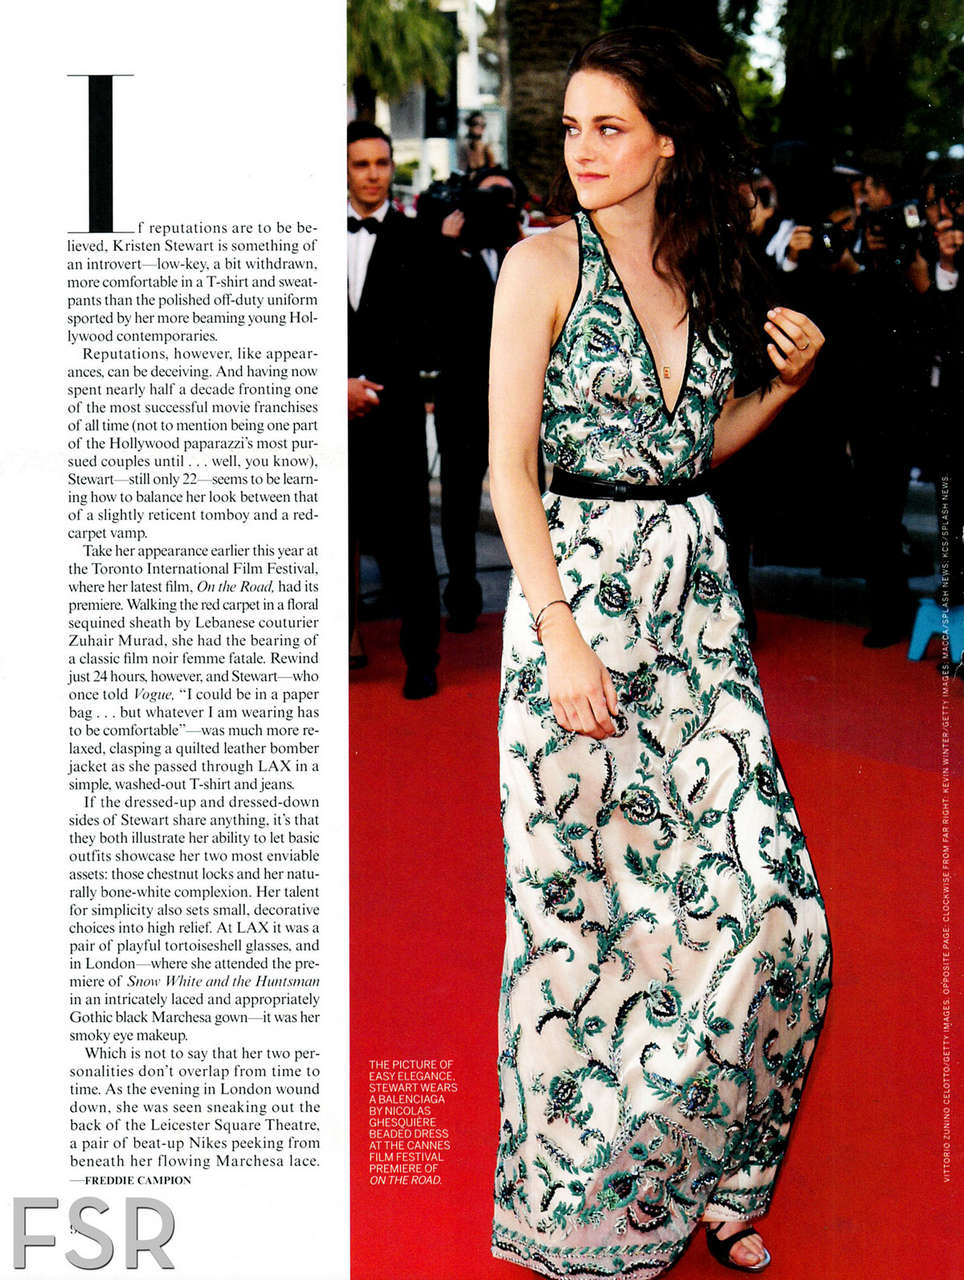 Kristen Stewart Vogue Best Dressed Edition December 2012 Issue